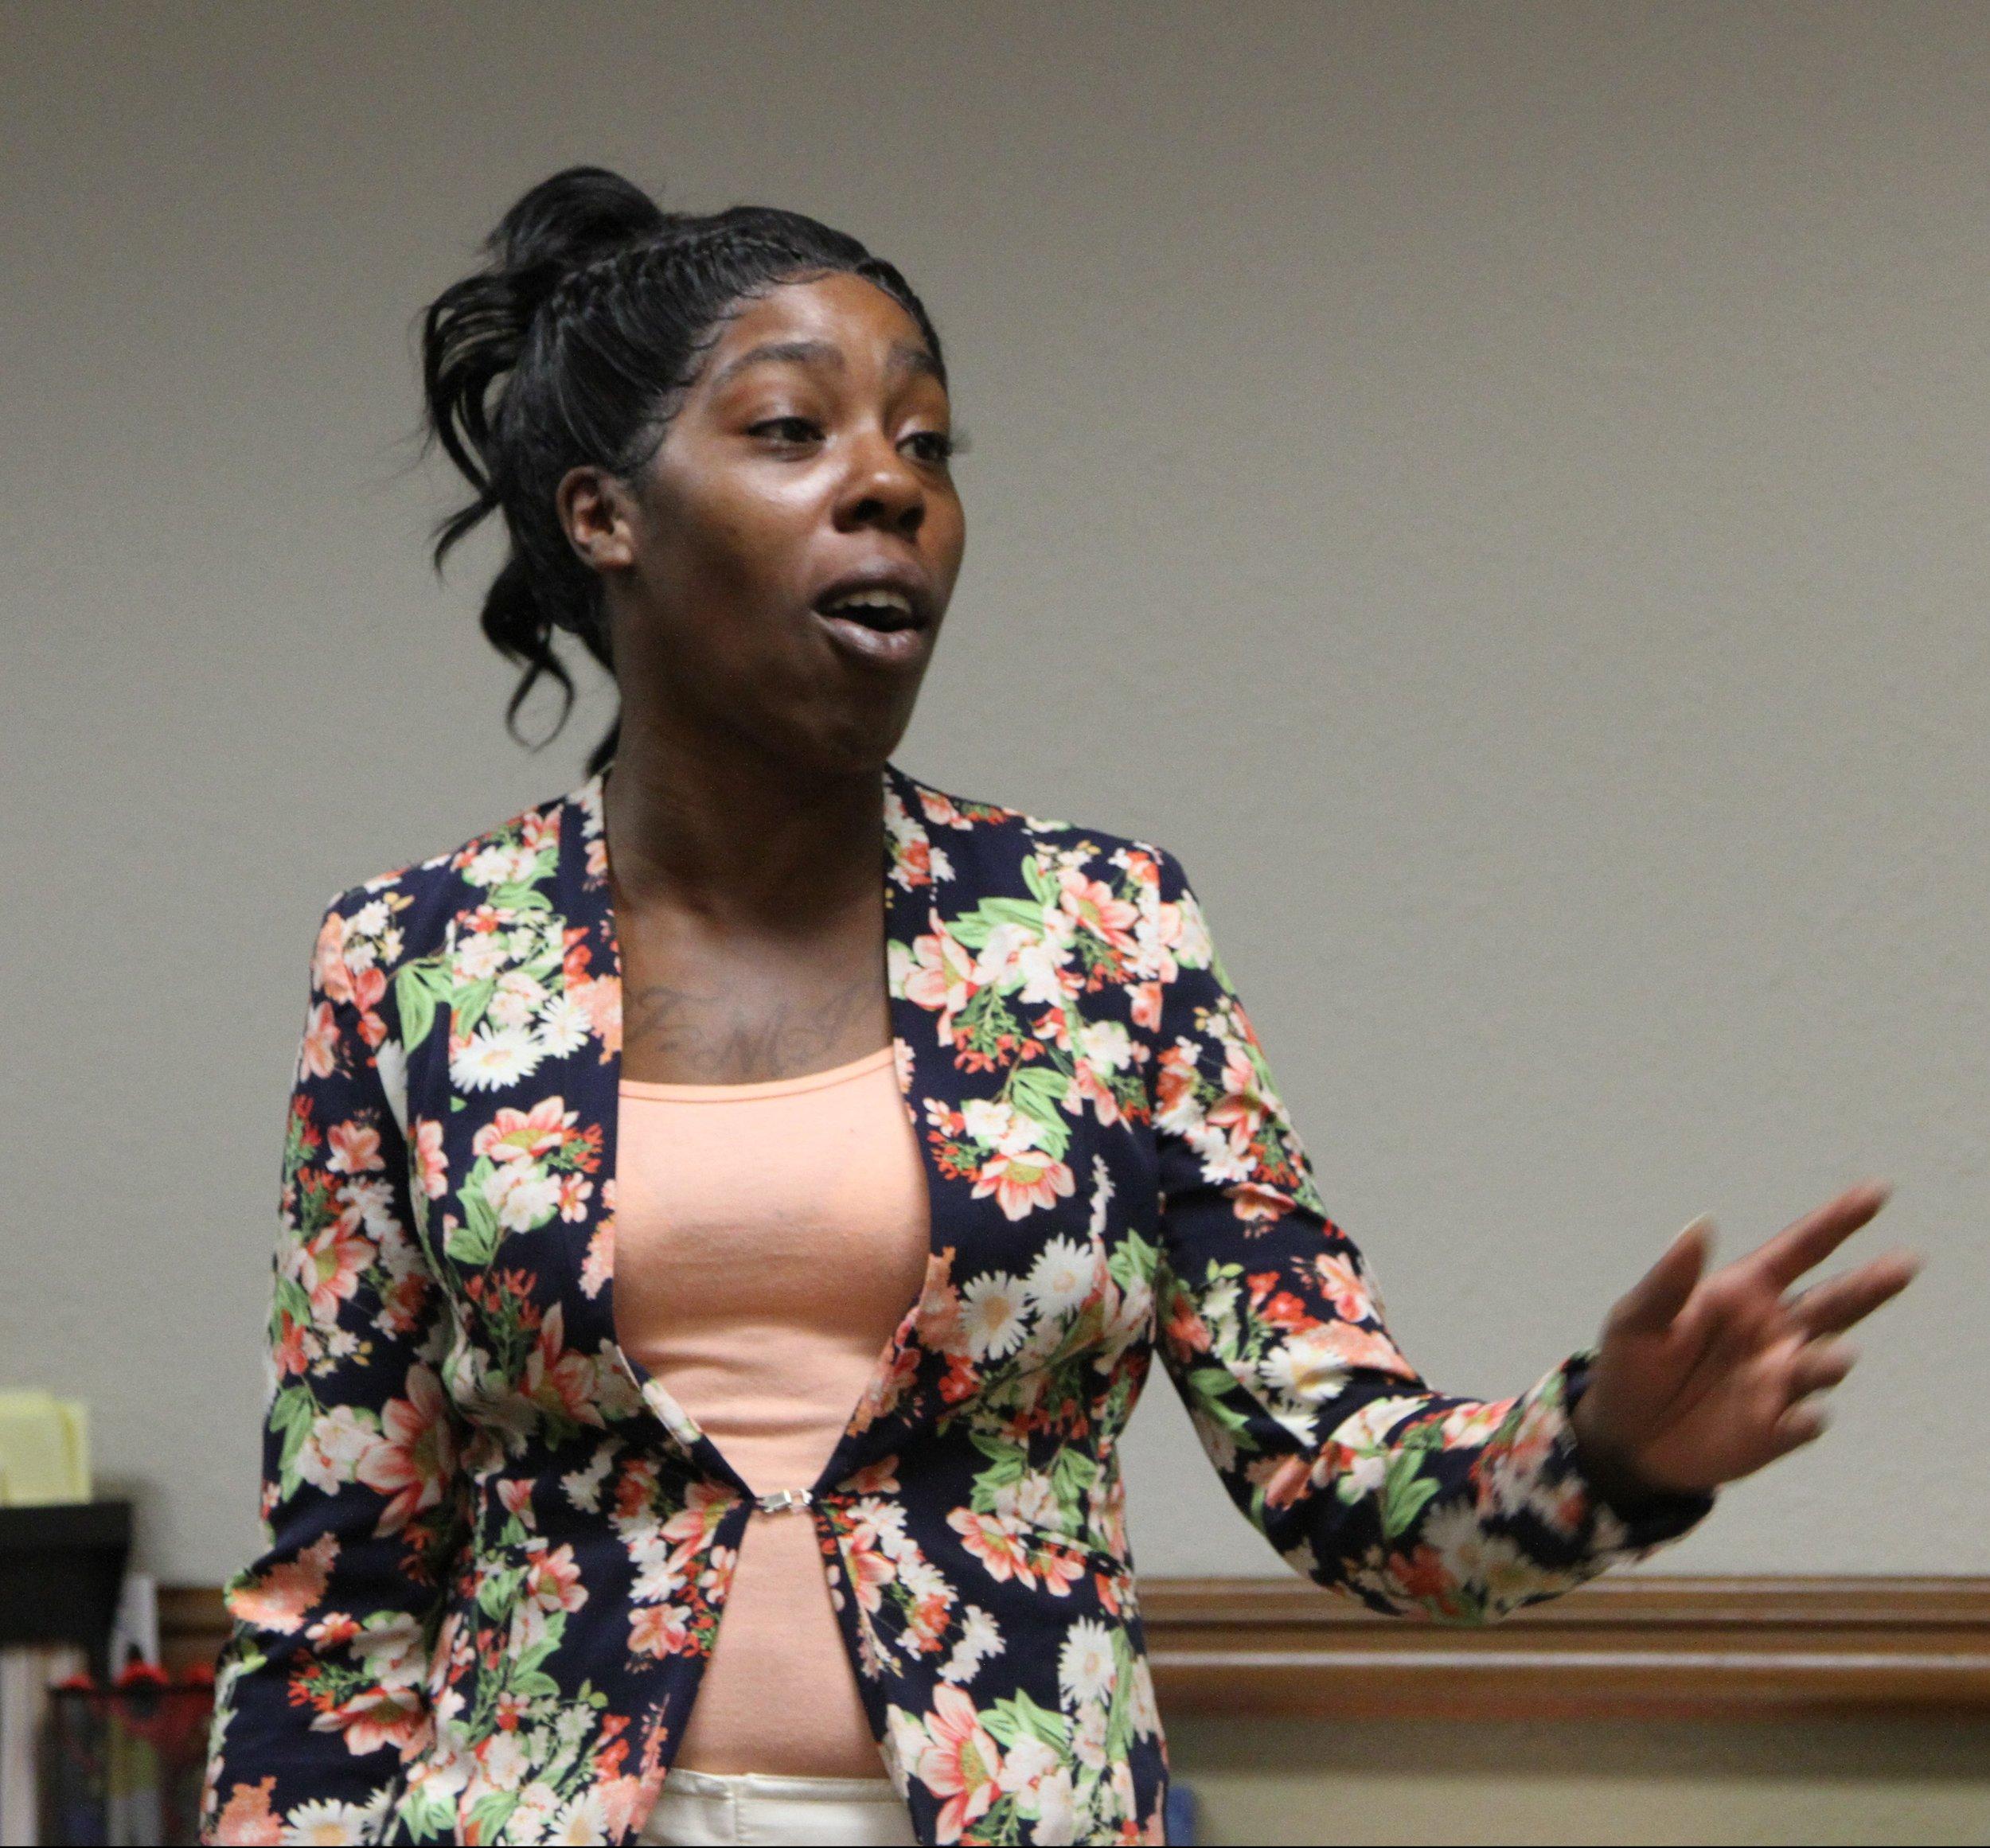 Speaking at graduation